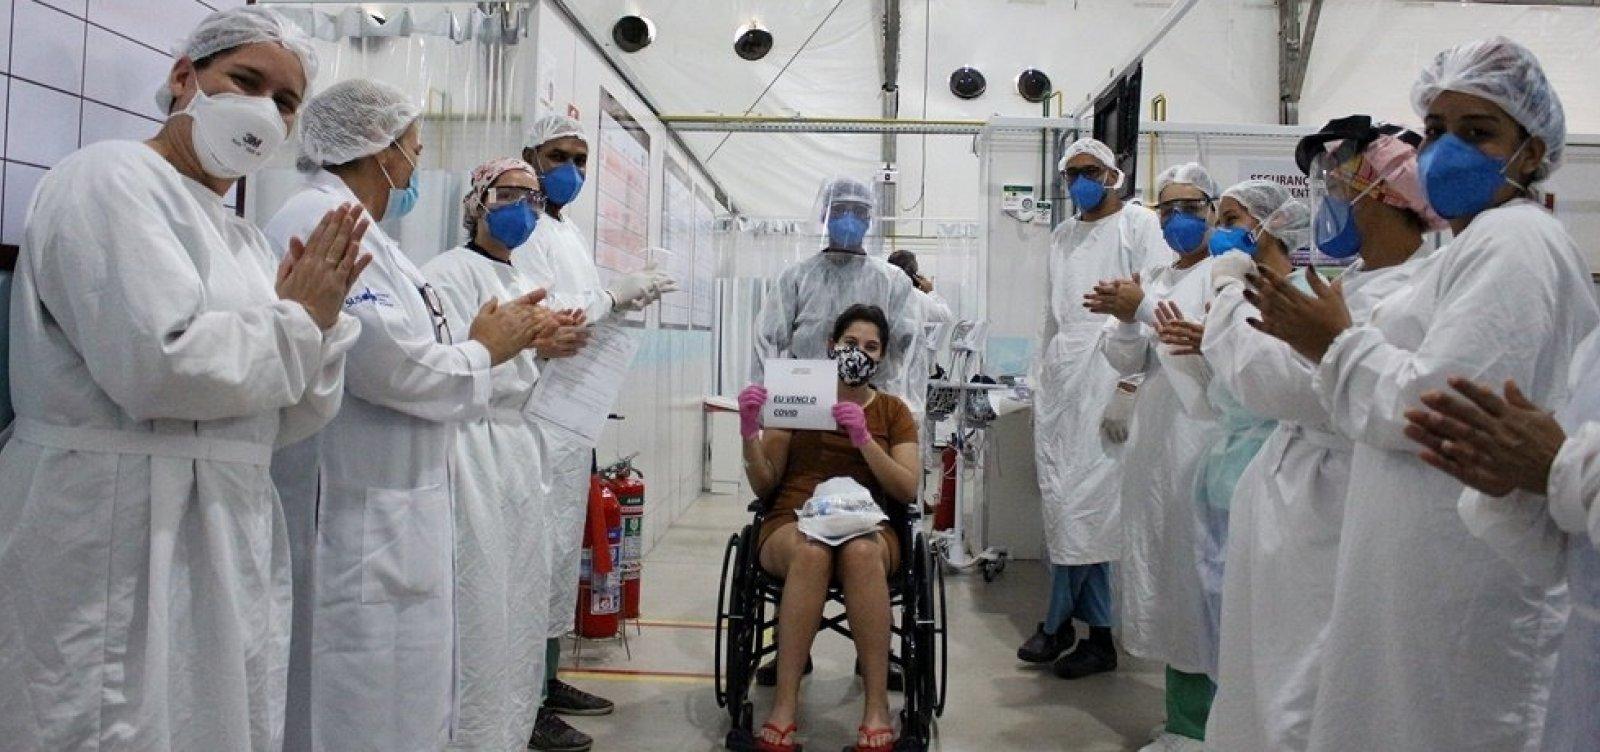 OMS: estabilização da pandemia no Brasil dá 'impressão que as coisas estão melhorando'